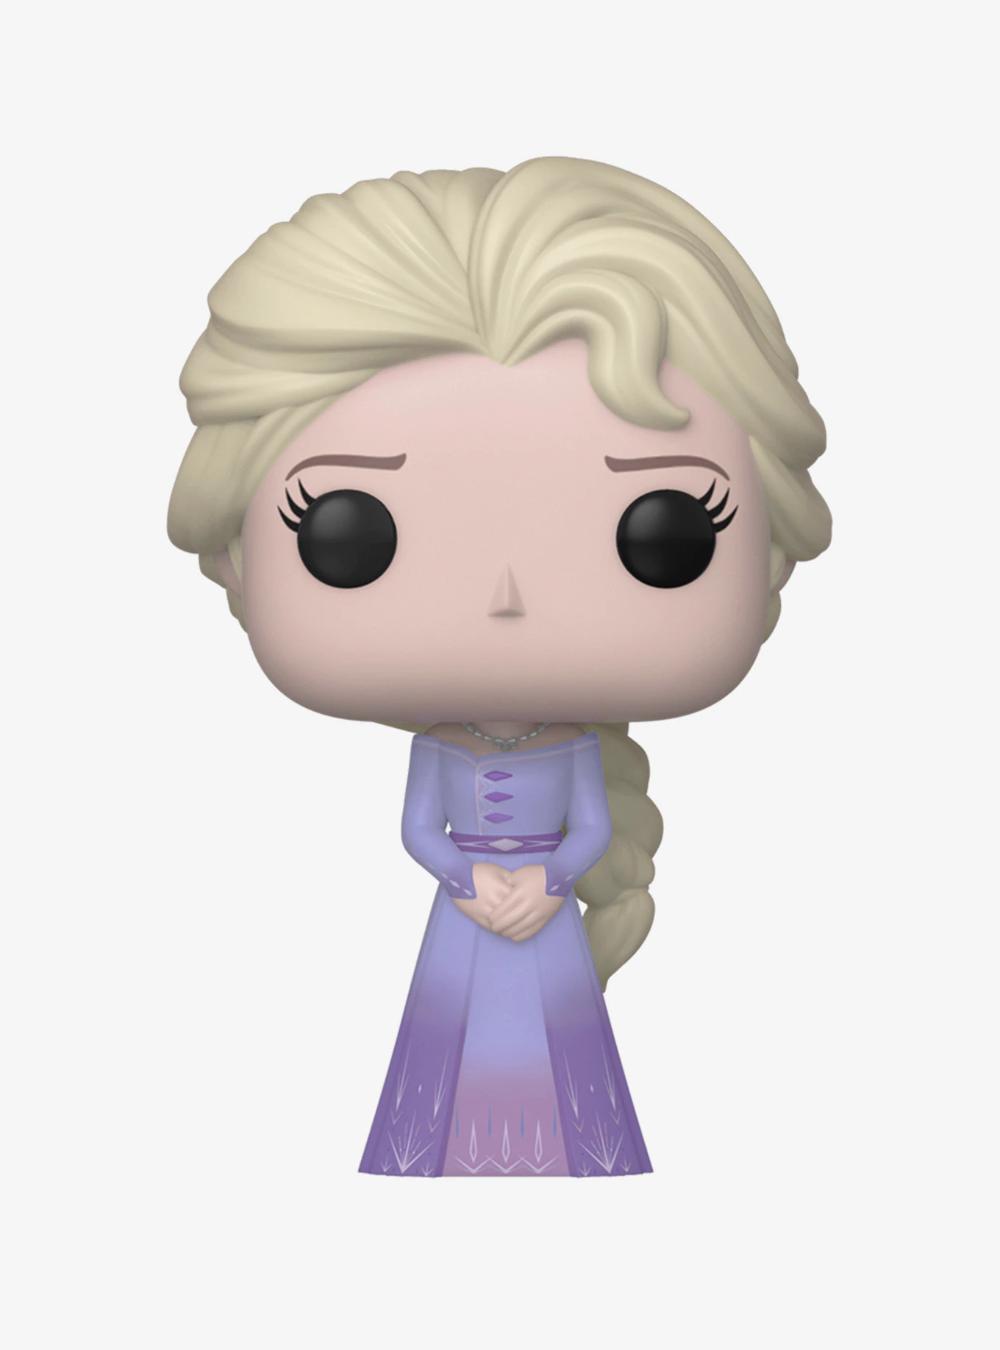 Funko Disney Pop Frozen 2 Elsa Vinyl Figure Hot Topic Exclsive In 2020 Disney Pop Vinyl Figures Funko Pop Dolls